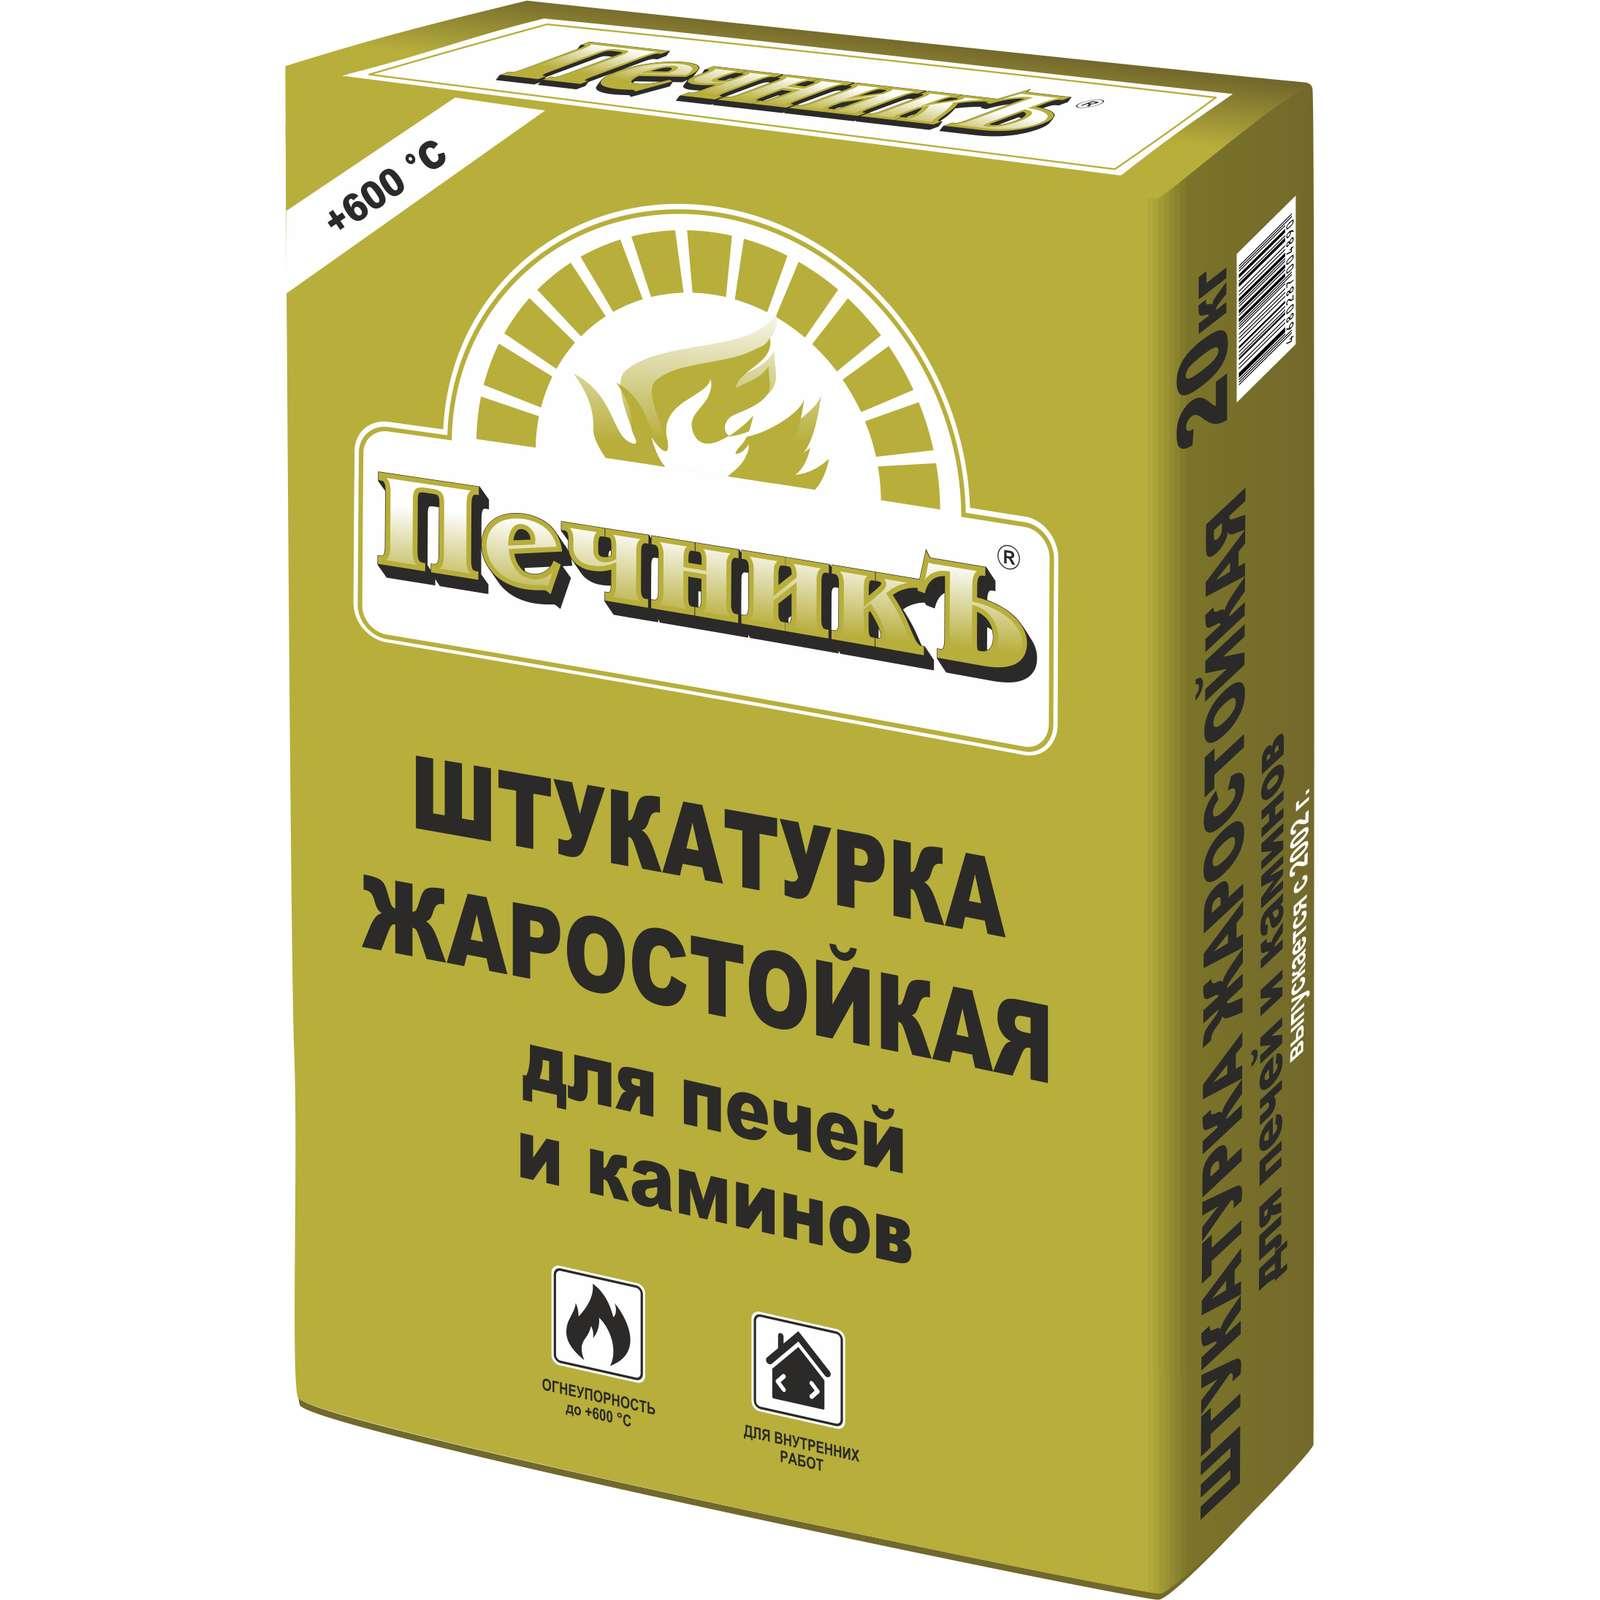 Штукатурка ПечникЪ для печных работ (+ 600 С), 20 кг